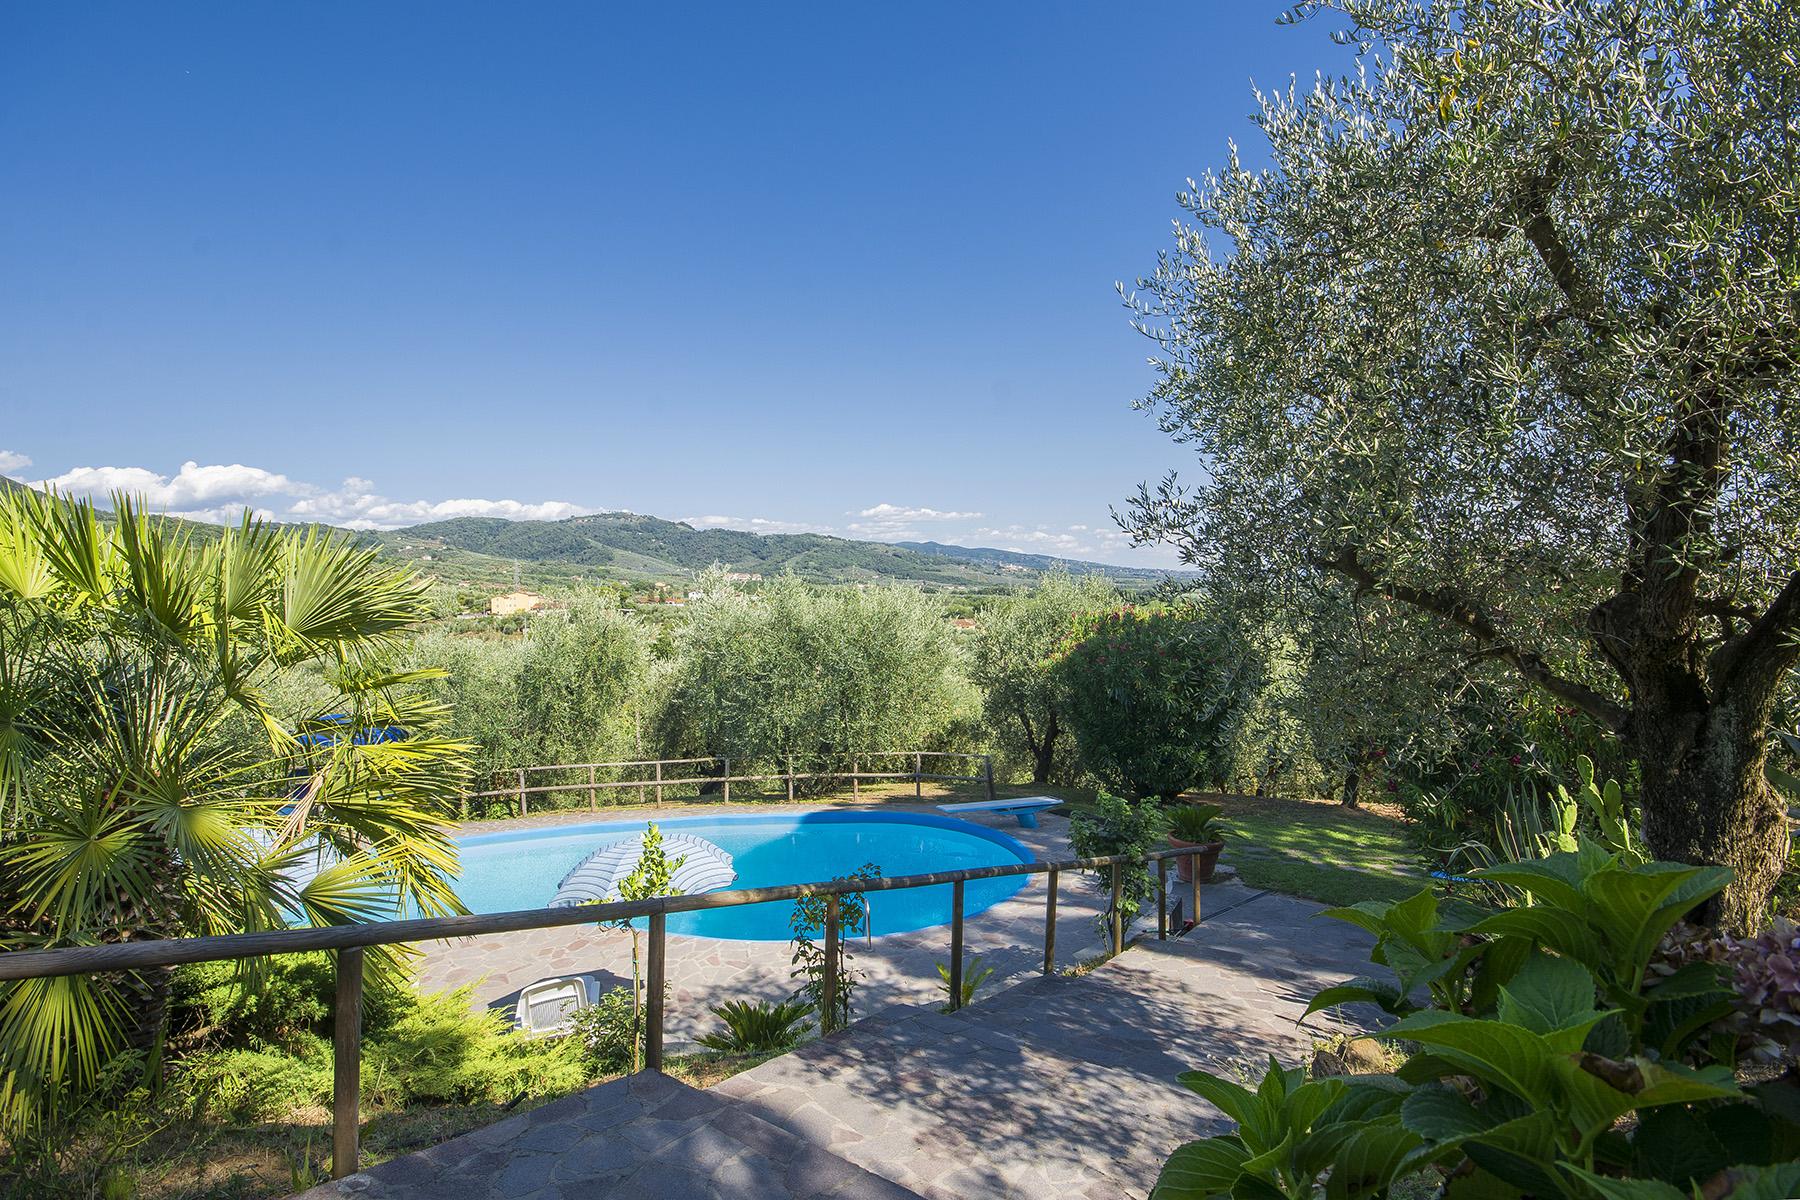 Rustico in Vendita a Monsummano Terme: 5 locali, 570 mq - Foto 30